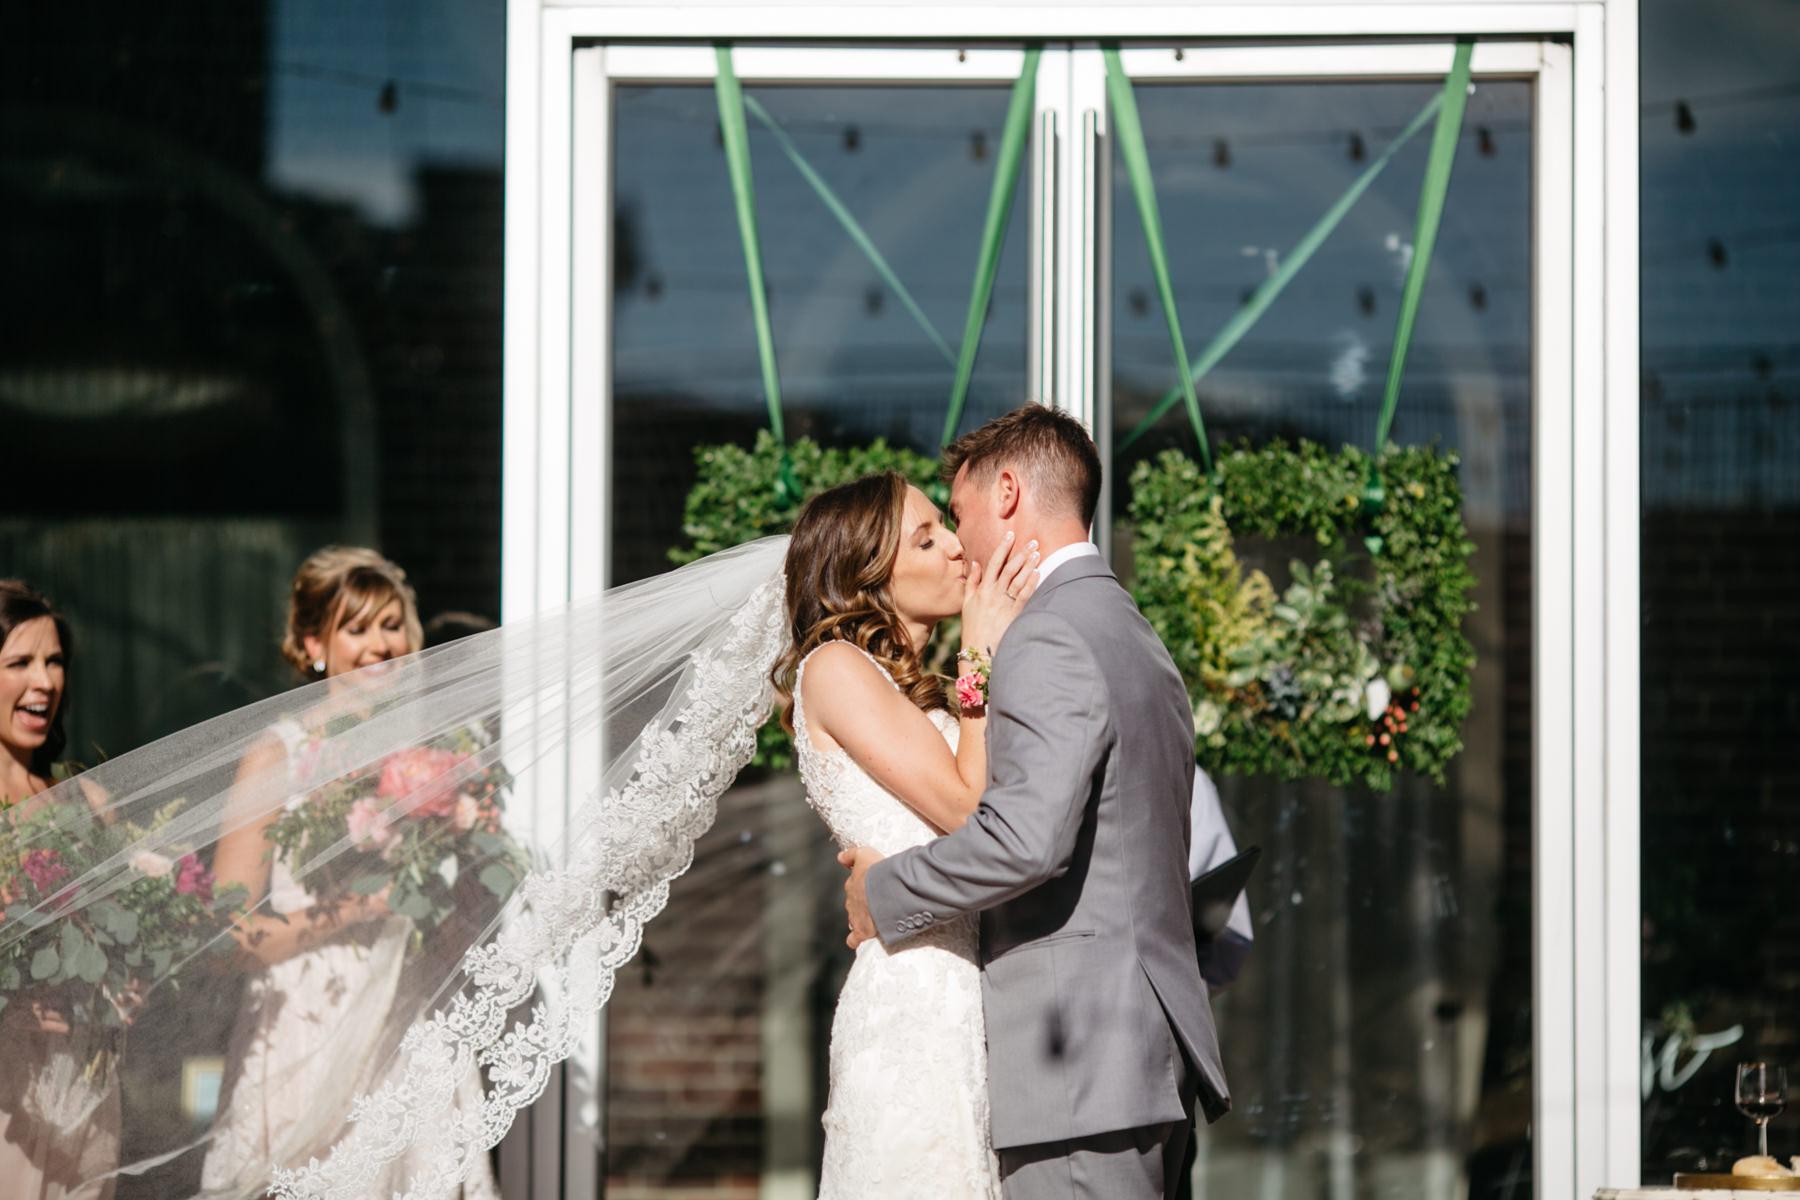 magnolia-hotel-wedding-omaha_025.JPG